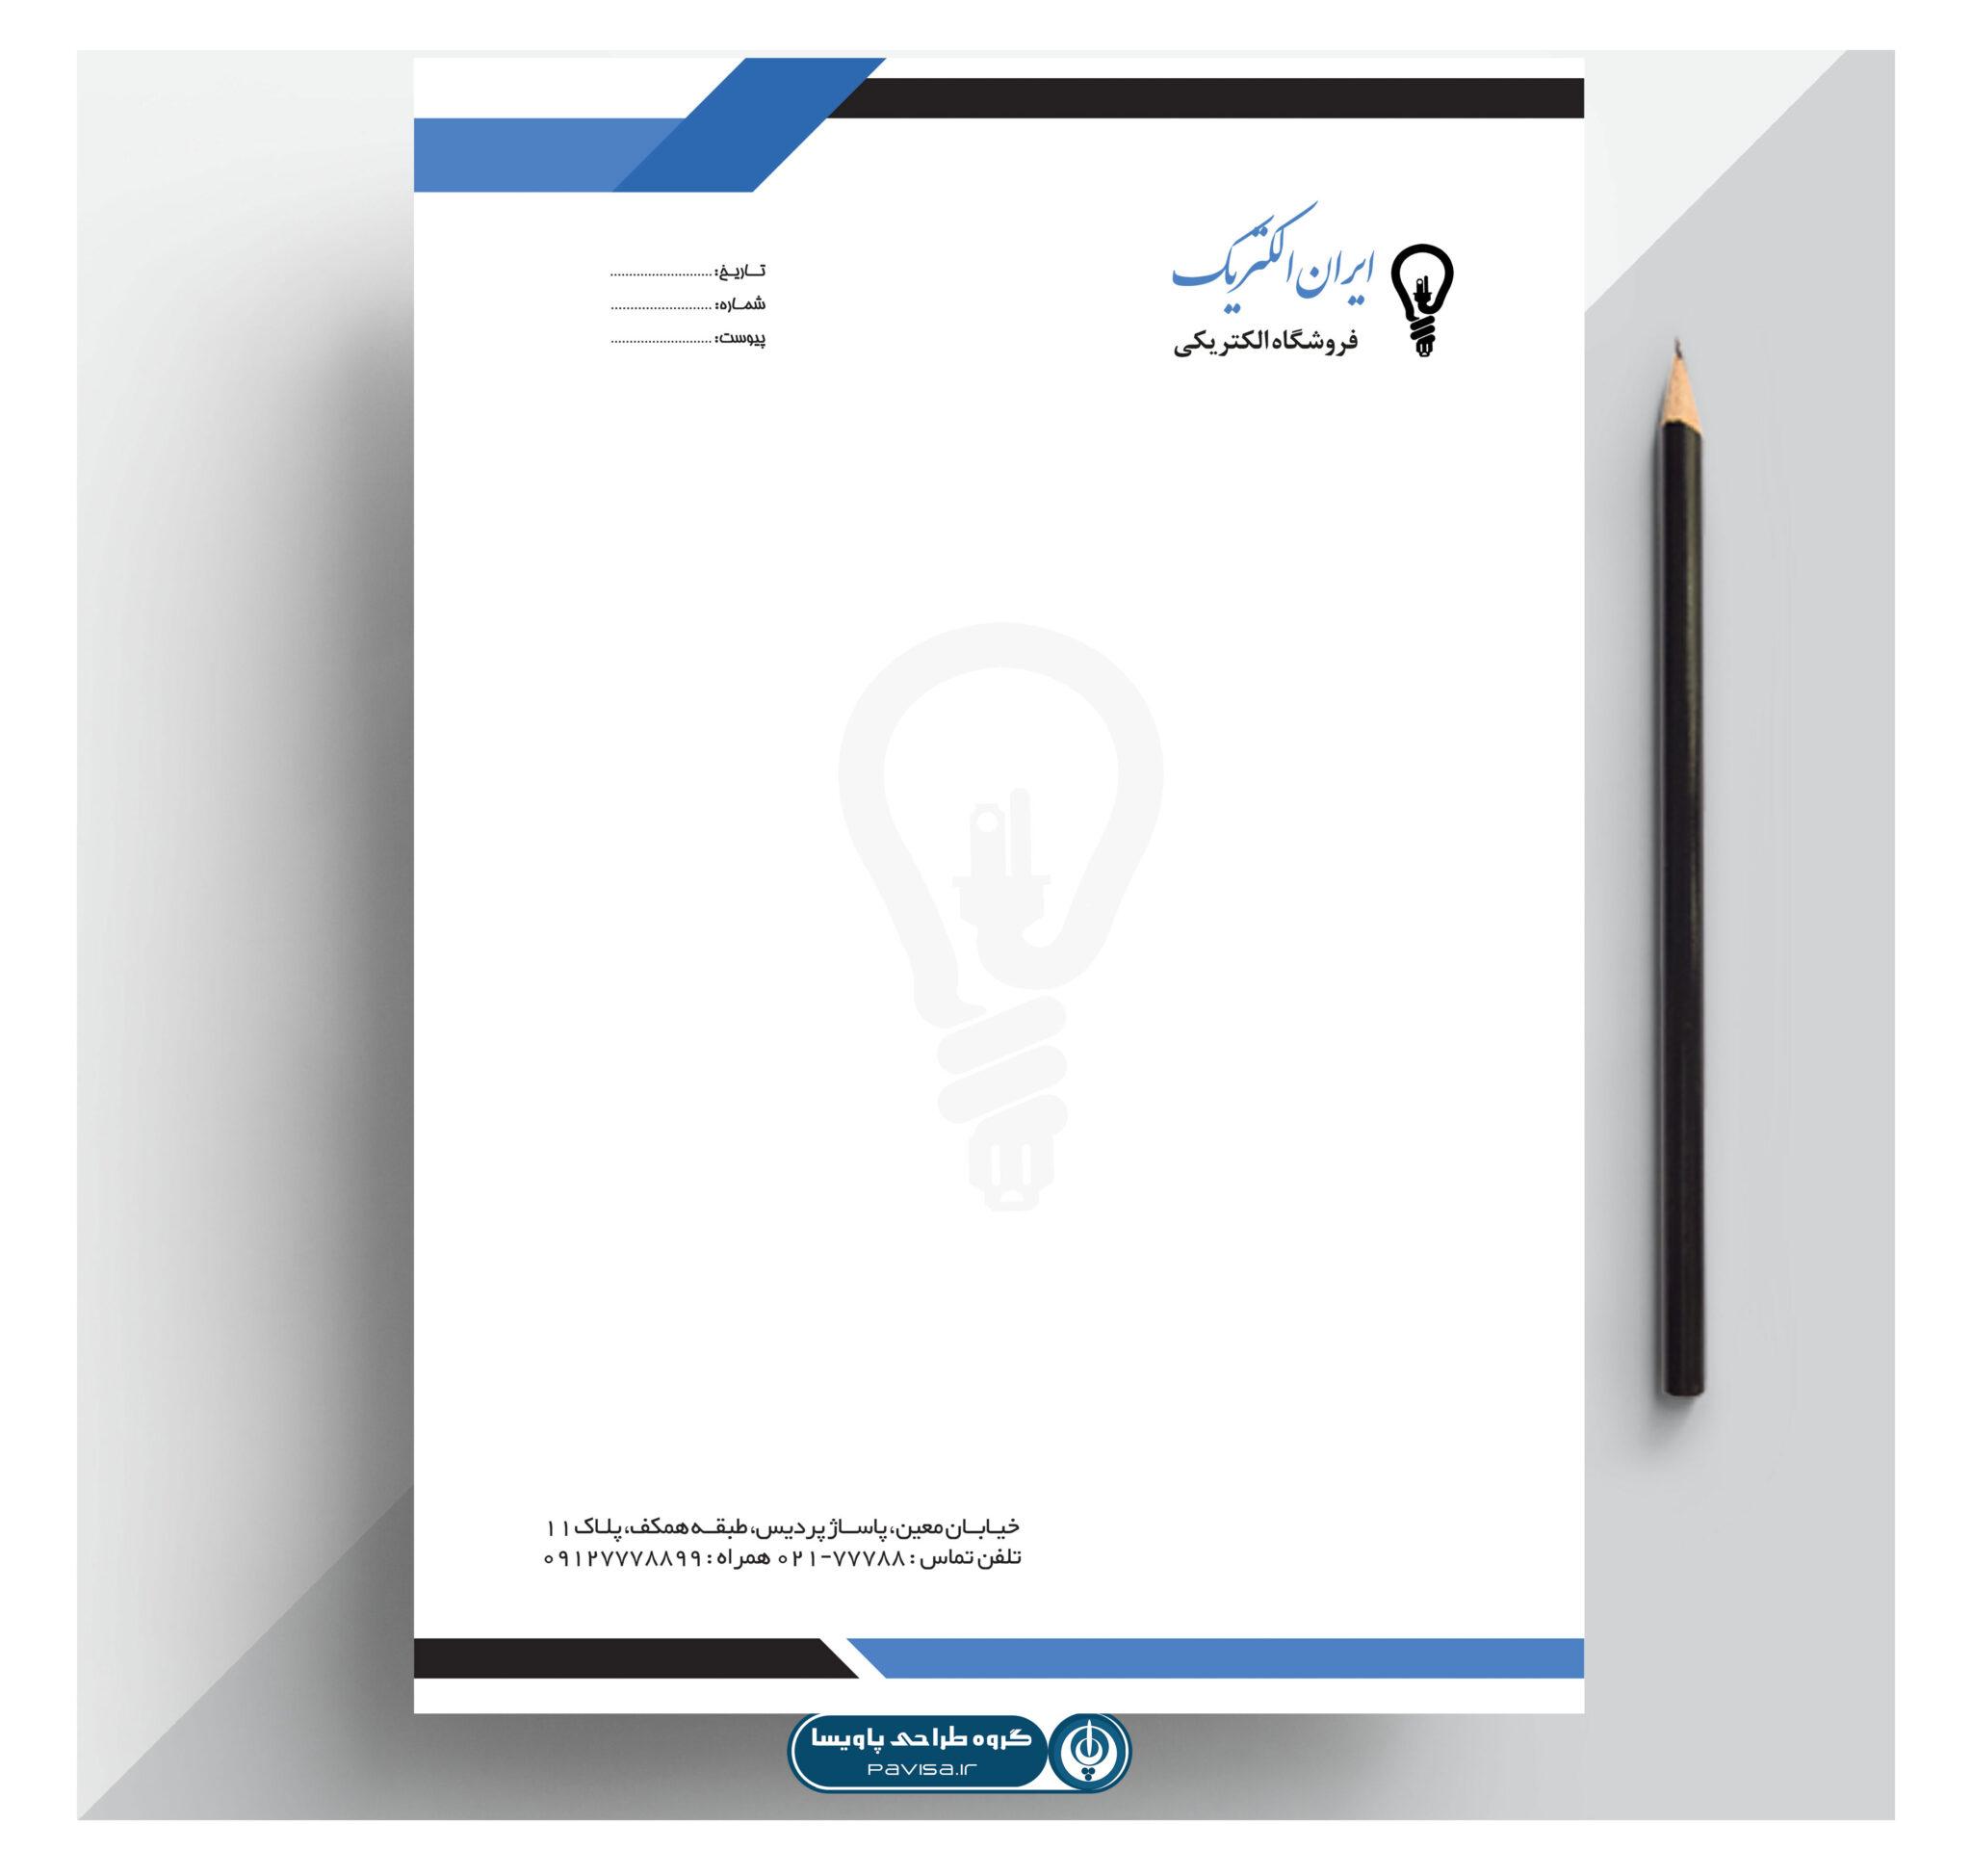 طرح PSD سربرگ کالای برق